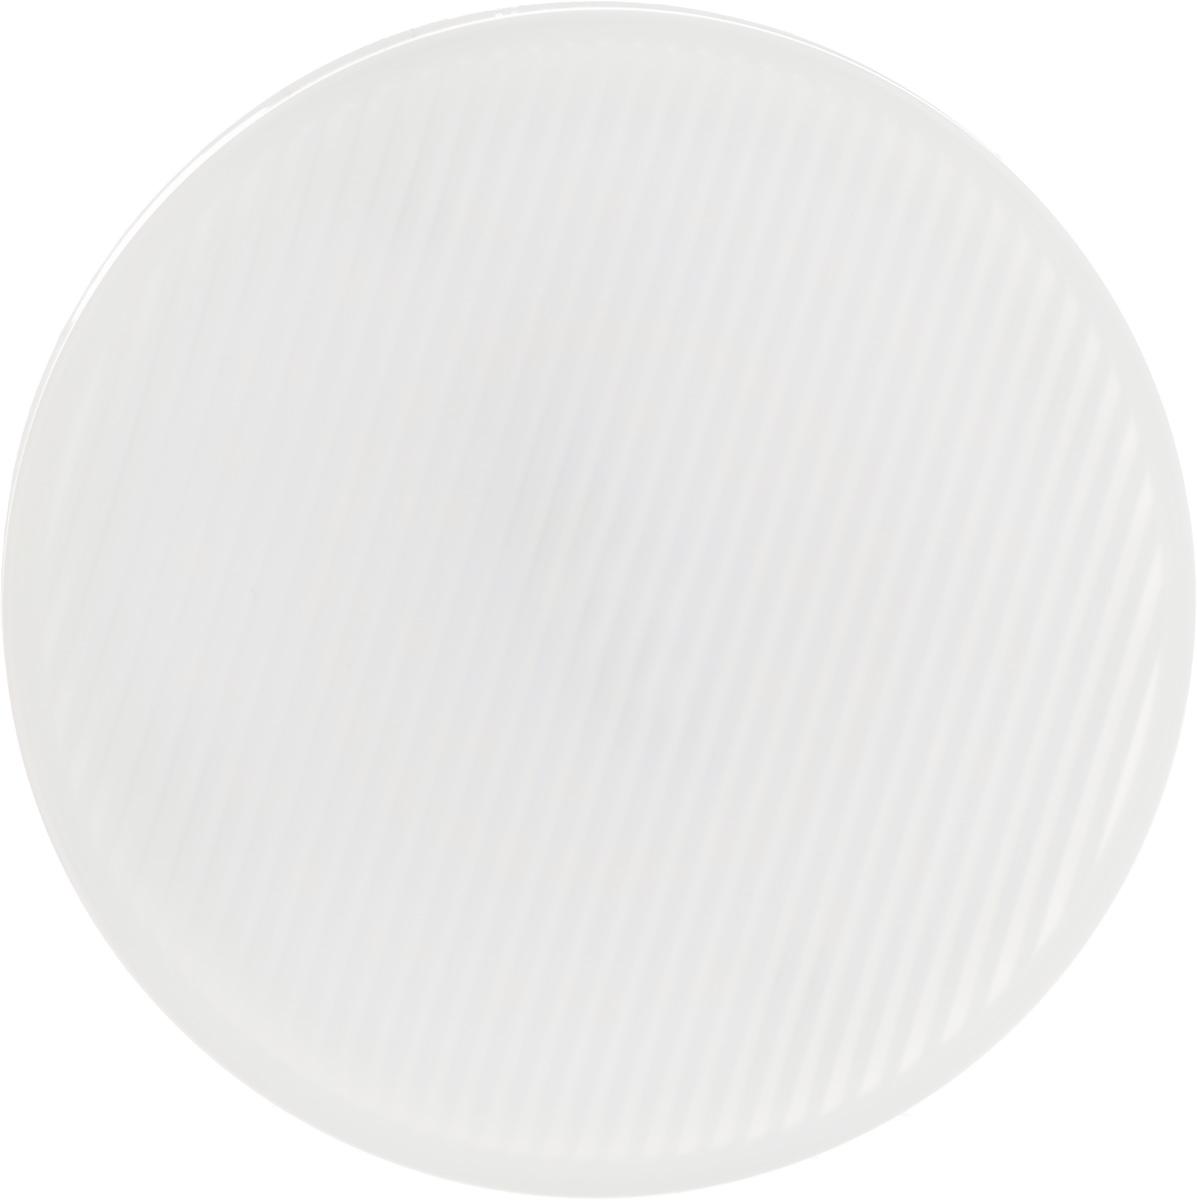 Лампа светодиодная Philips Essential LED, цоколь GX53, 5,5W, 2700KЛампа Essential LED 6-50Вт 2700К GX53Современные светодиодные лампы Essential LED экономичны, имеют долгий срок службы и мгновенно загораются, заполняя комнату светом. Лампа классической формы и высокой яркости позволяет создать уютную и приятную обстановку в любой комнате вашего дома. Светодиодные лампы потребляют на 86 % меньше электроэнергии, чем обычные лампы накаливания, излучая при этом привычный и приятный теплый свет. Срок службы светодиодной лампы Essential LED составляет до 15 000 часов, что соответствует общему сроку службы пятнадцати ламп накаливания. Благодаря чему менять лампы приходится значительно реже, что сокращает количество отходов. Напряжение: 220-240 В. Световой поток: 500 lm. Эквивалент мощности в ваттах: 40 Вт.